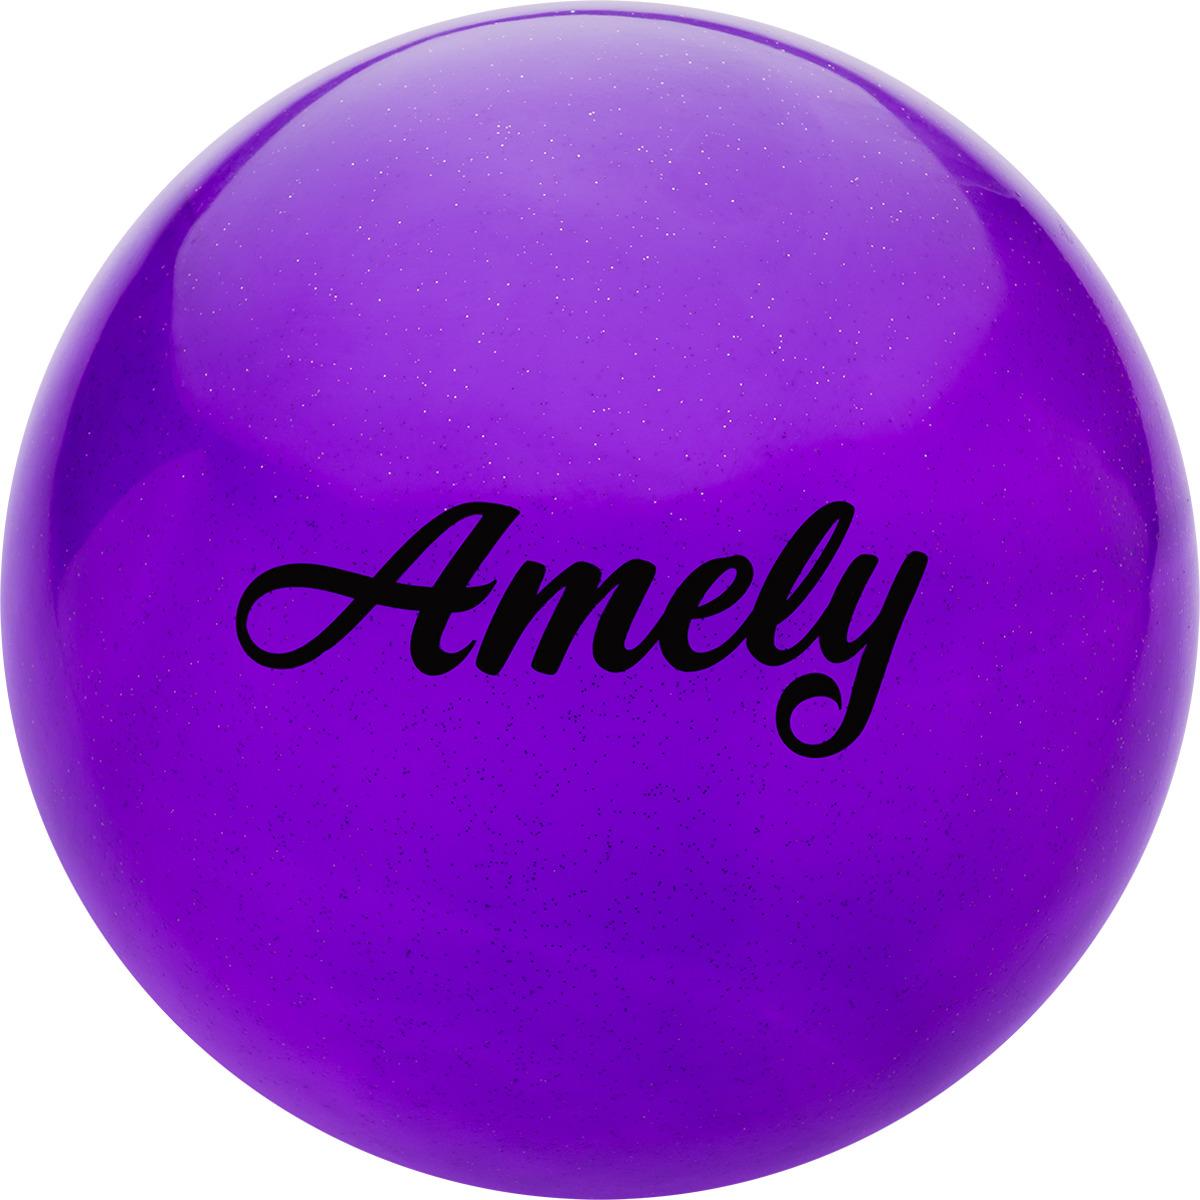 Мяч для художественной гимнастики Amely AGR-102, диаметр 19 см, цвет: фиолетовый с блестками лента для художественной гимнастики amely agr 201 длина 6 м с палочкой 56 см цвет фиолетовый